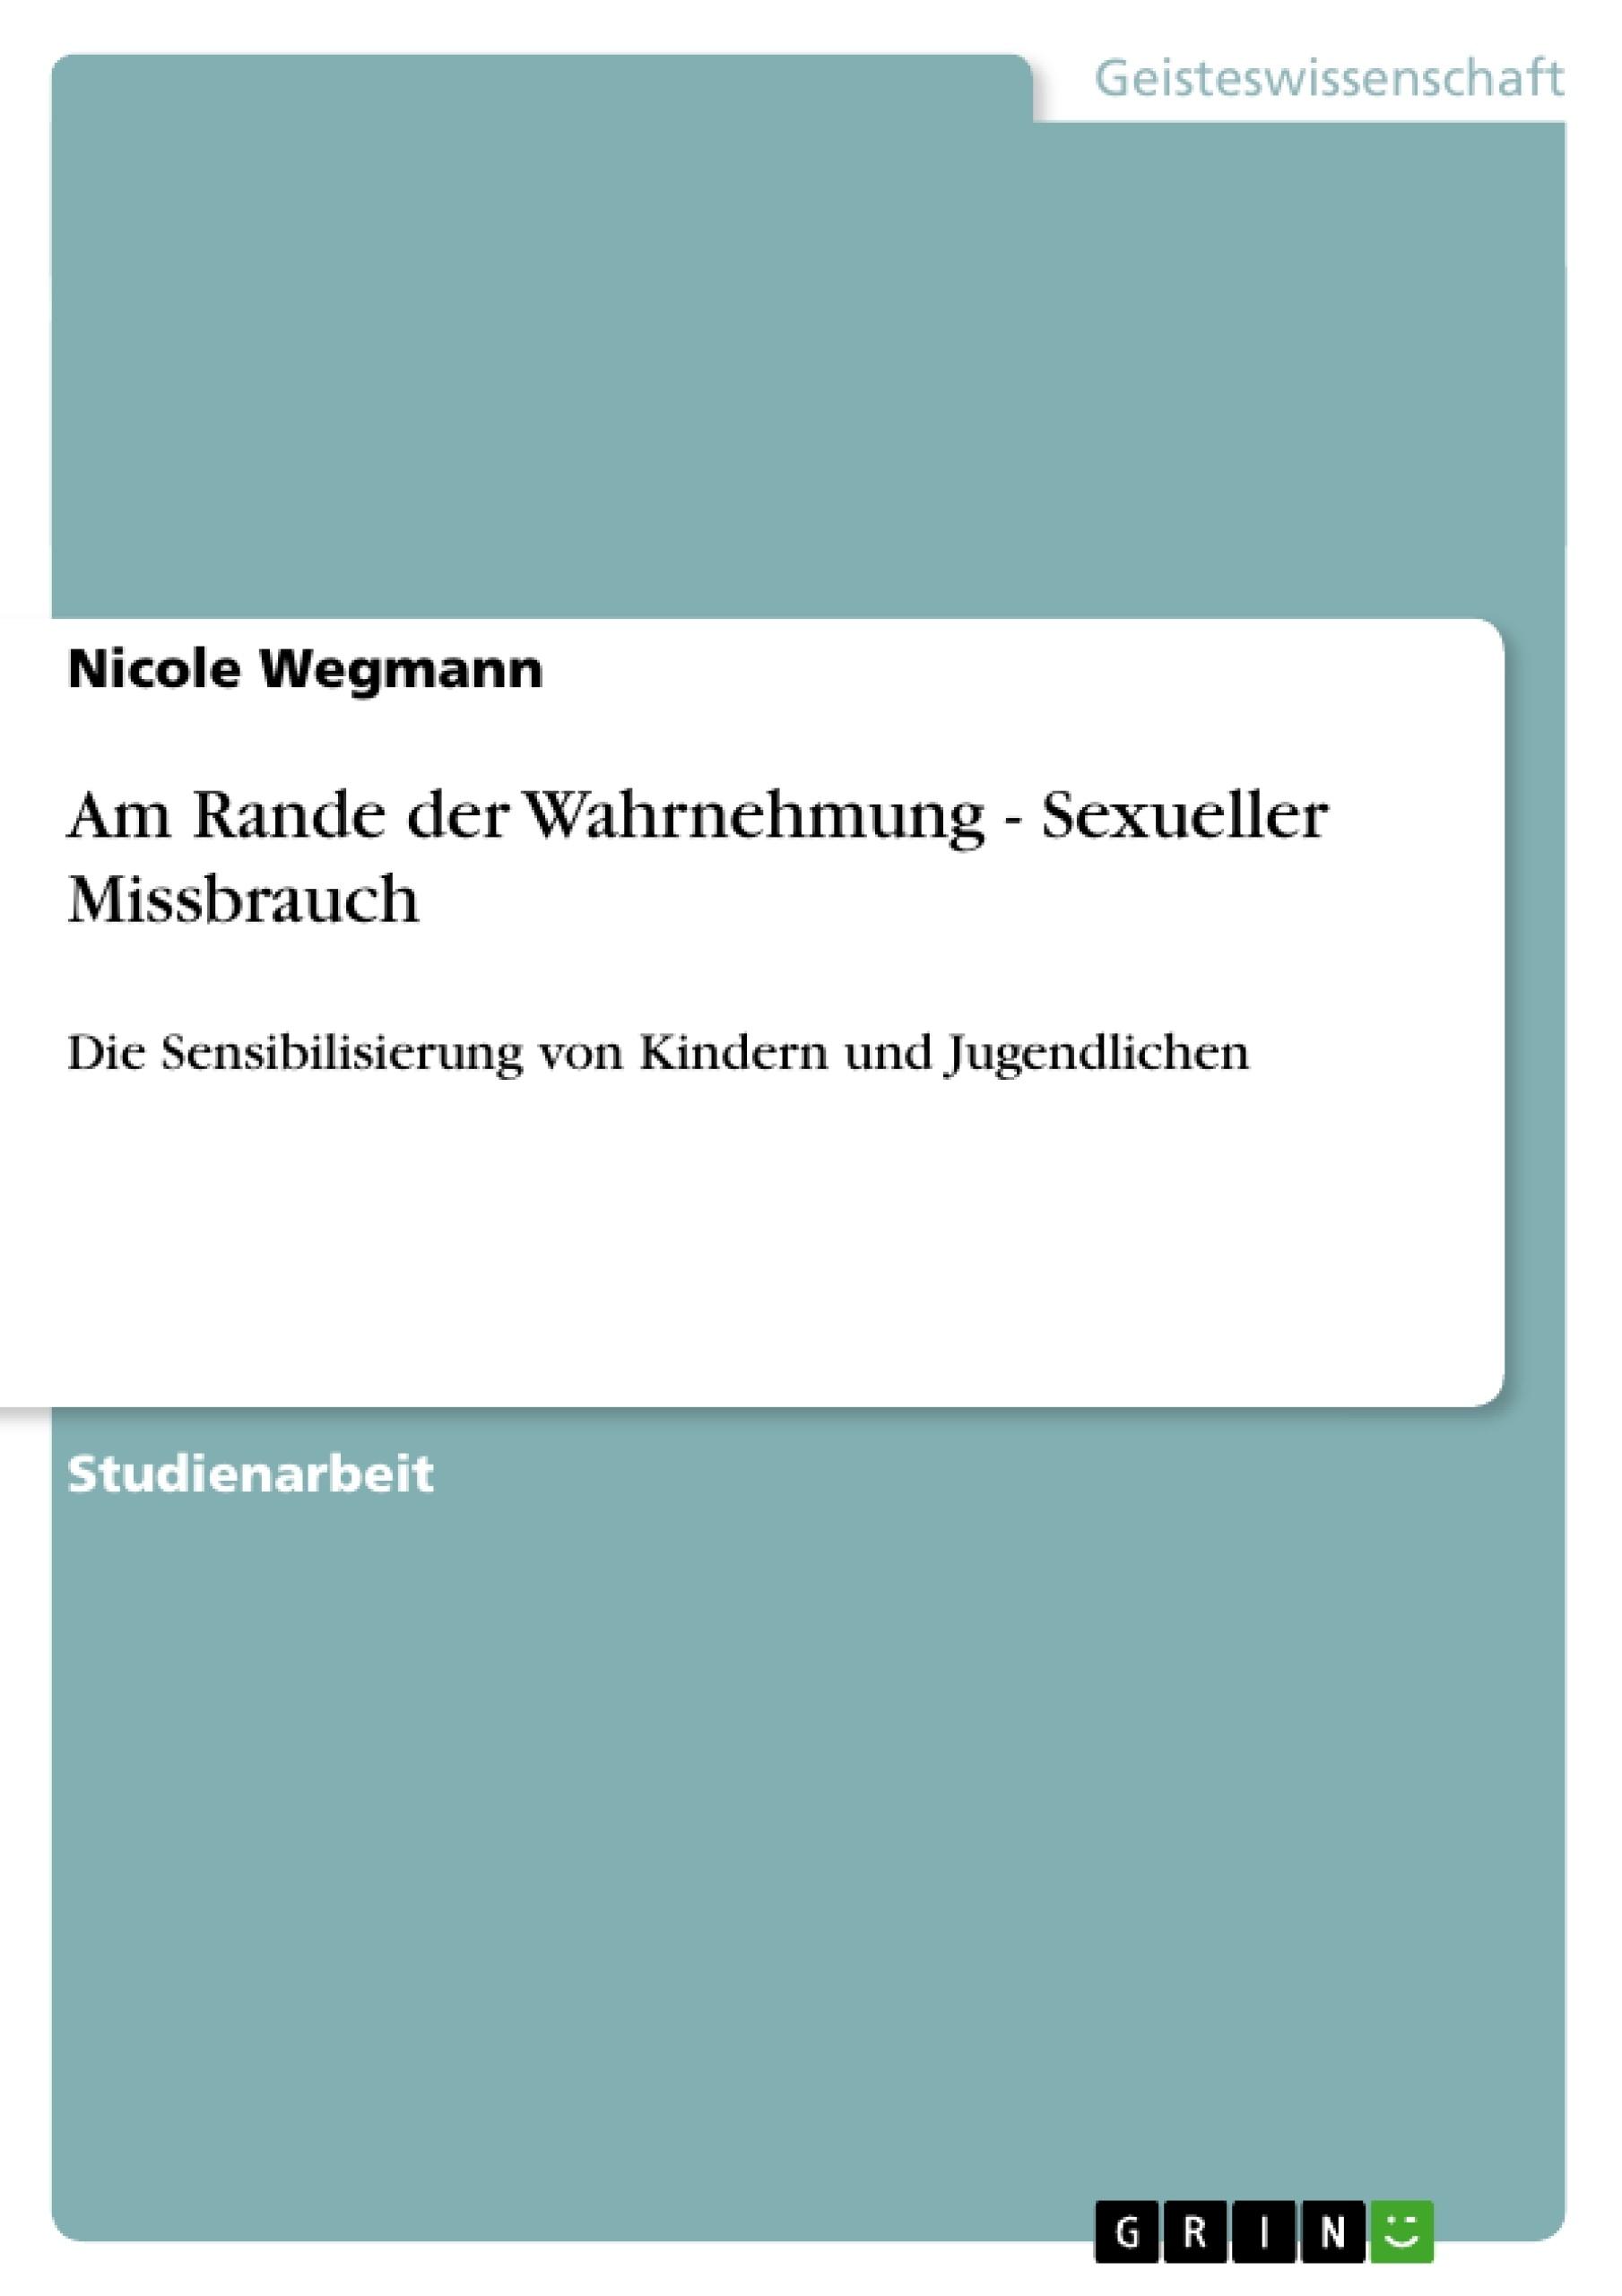 Titel: Am Rande der Wahrnehmung - Sexueller Missbrauch